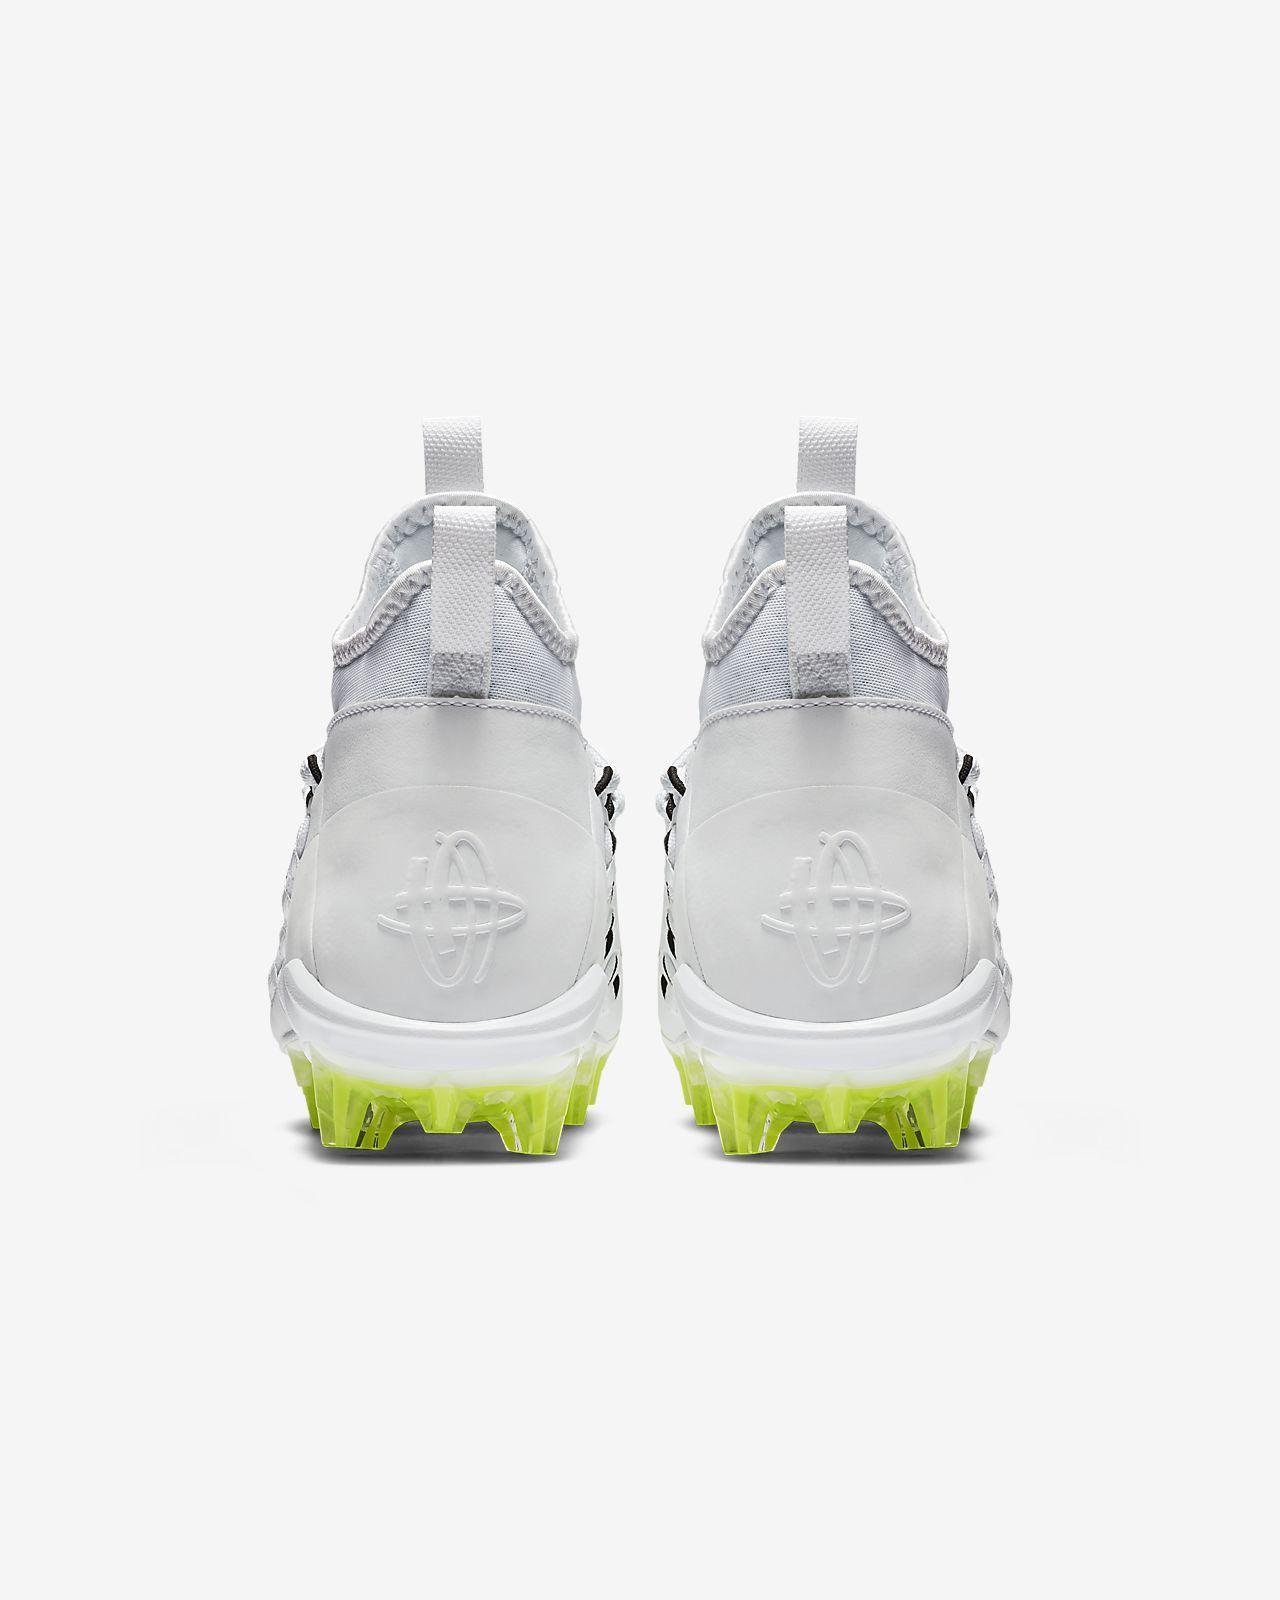 8e83d5c5bc9 Nike Alpha Huarache 6 Elite LAX Lacrosse Cleat. Nike.com